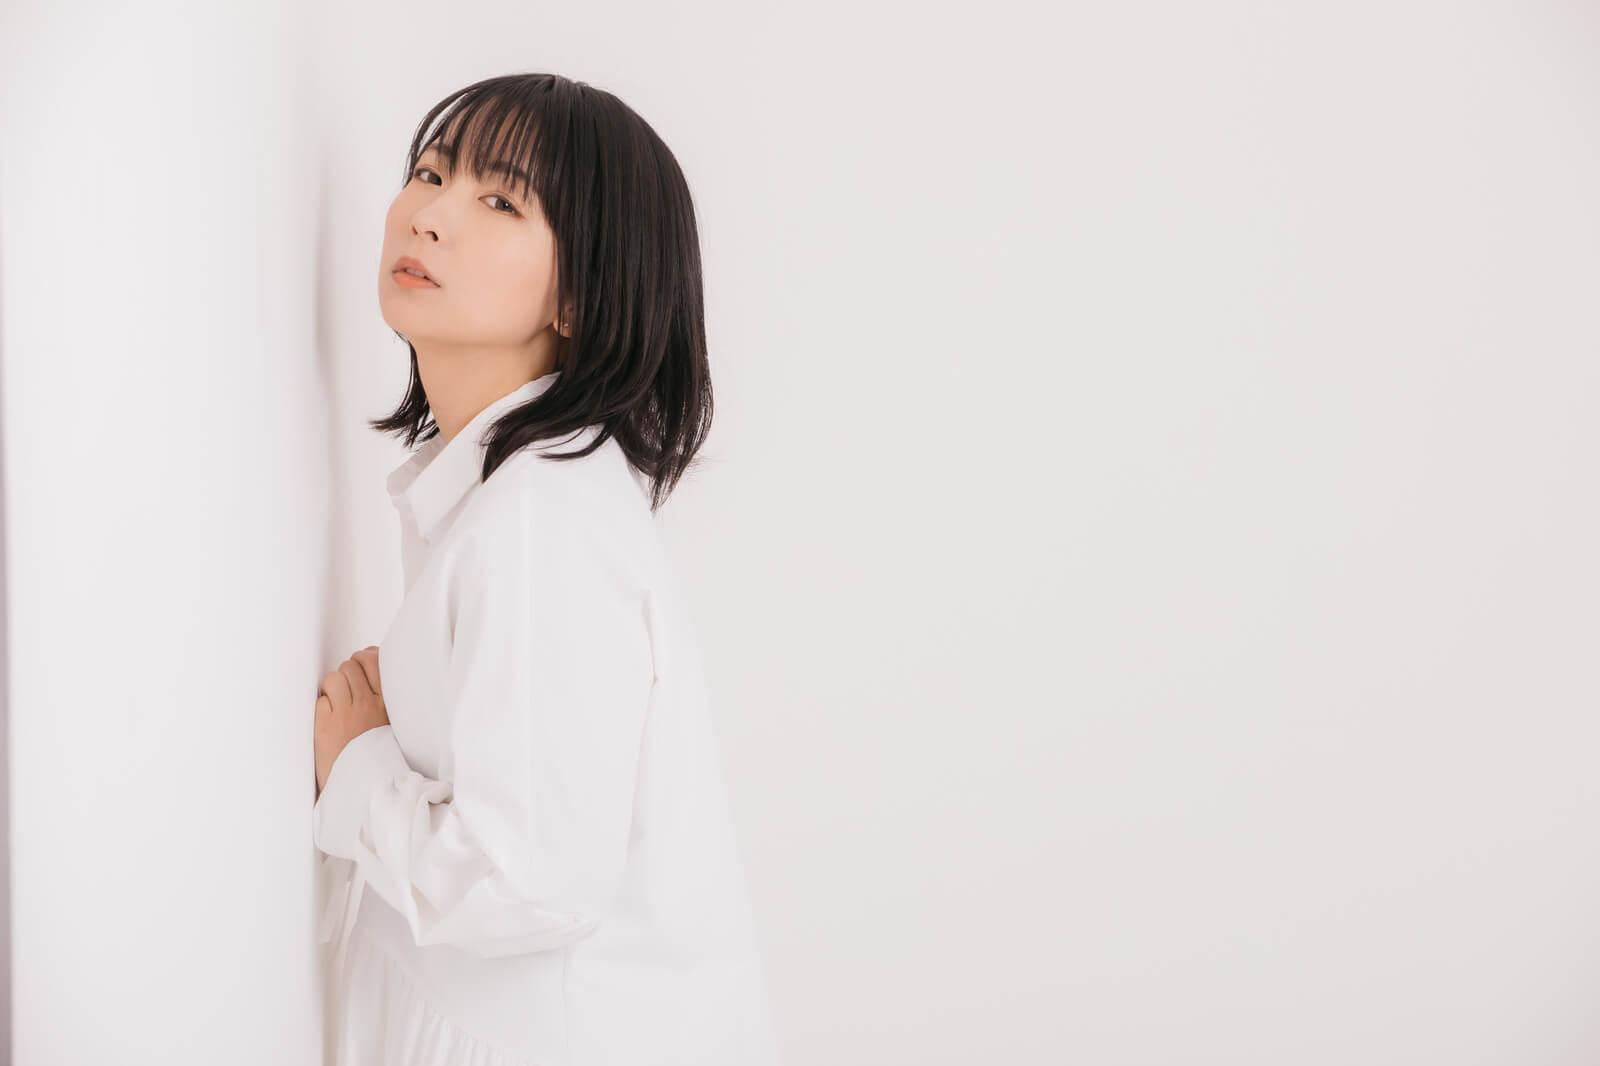 佐々木莉佳子 中学 高校 父親 モデル 今一人暮らし